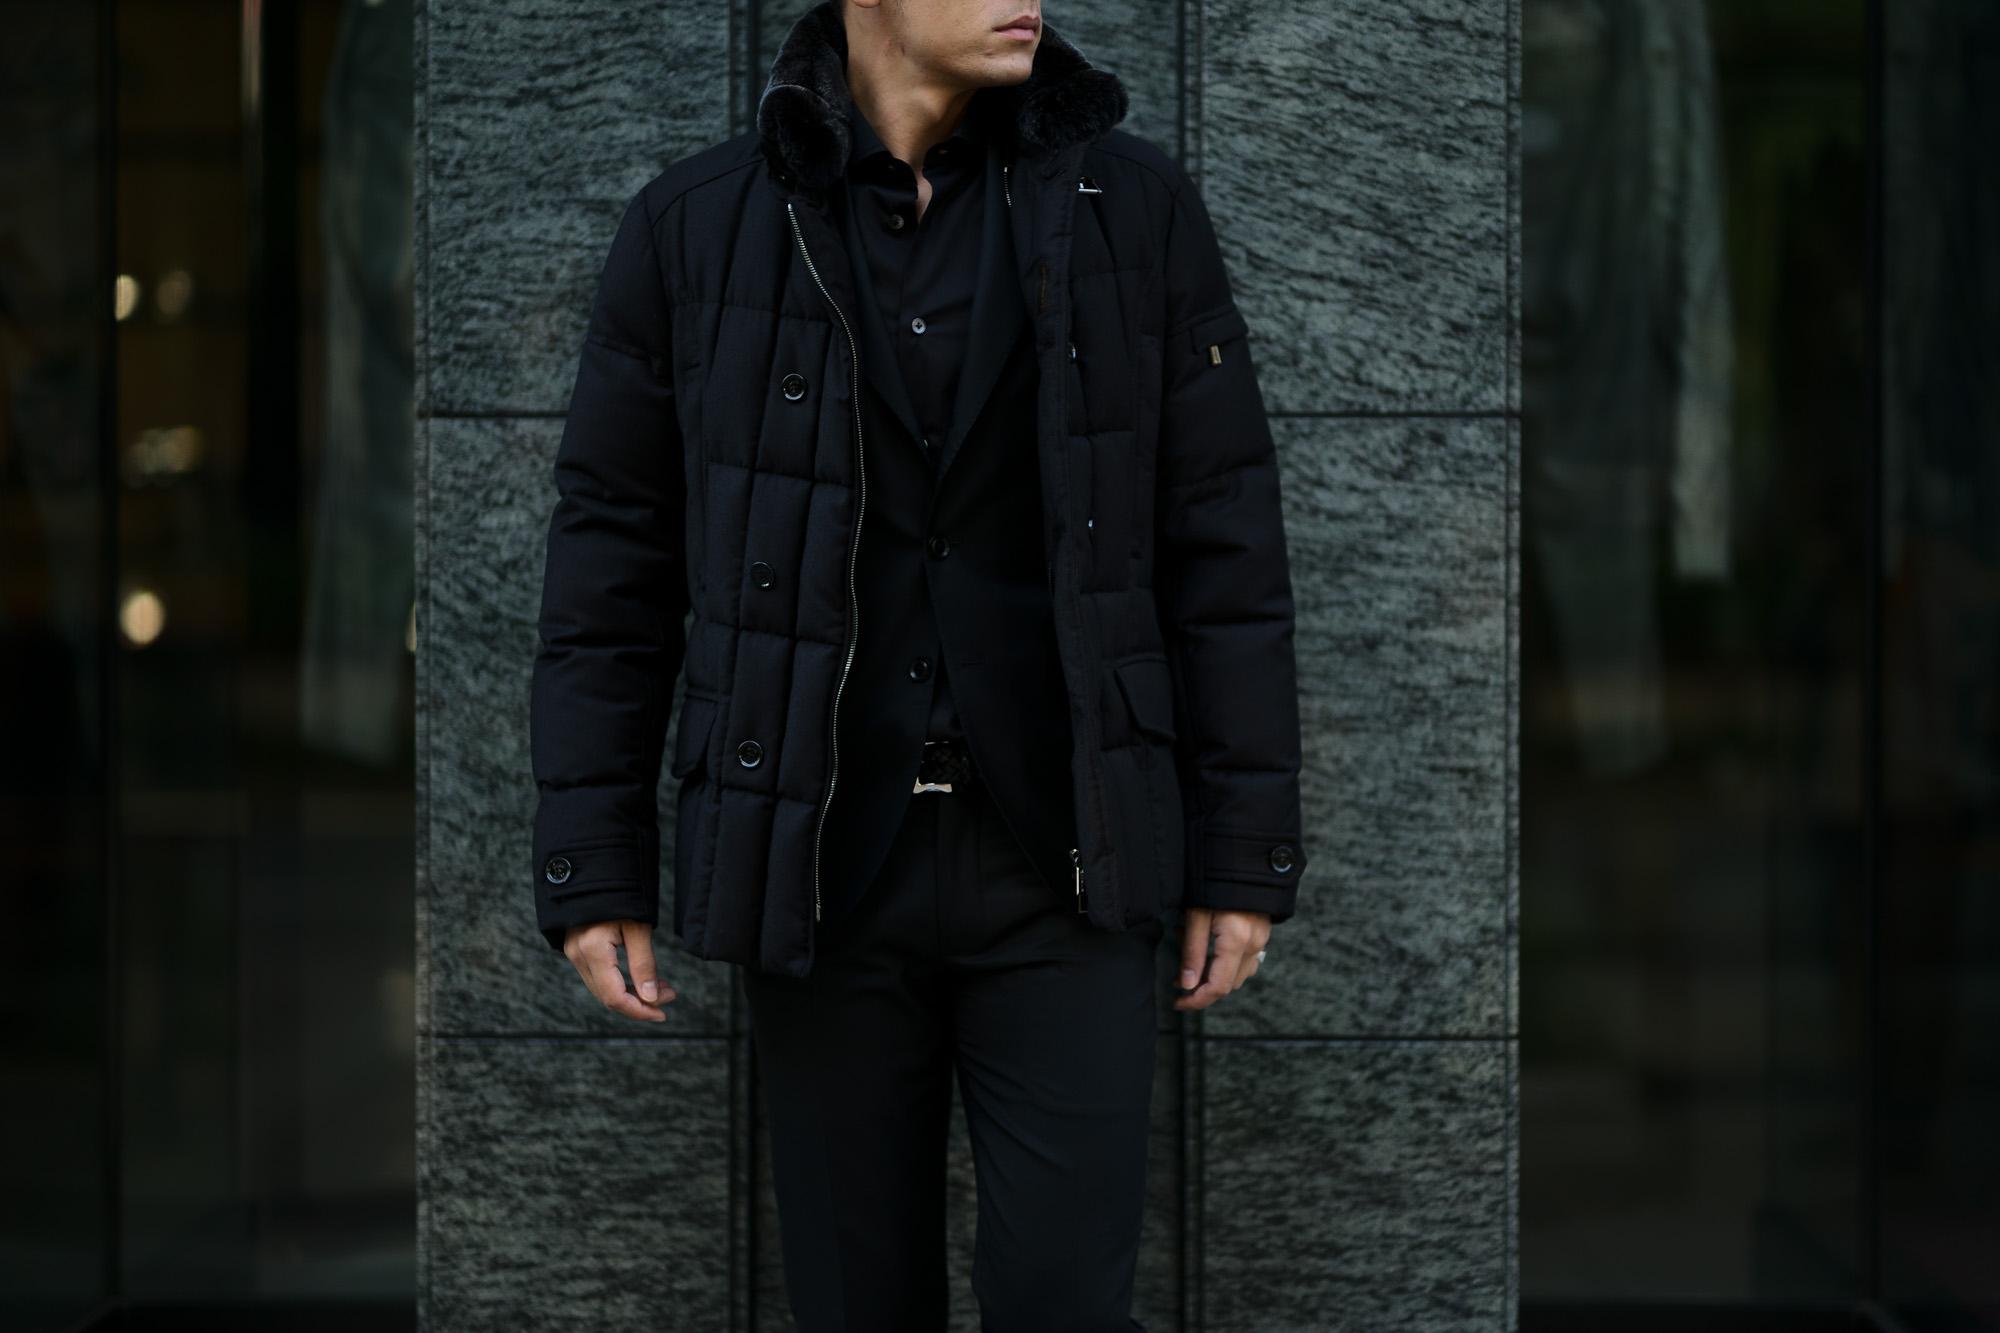 MOORER (ムーレー) SIRO-L1 (シロ) LoroPiana (ロロピアーナ) ウールカシミア ダブルブレスト ダウン ジャケット NERO(ブラック)  Made in italy (イタリア製) 2019 秋冬新作 愛知 名古屋 altoediritto アルトエデリット